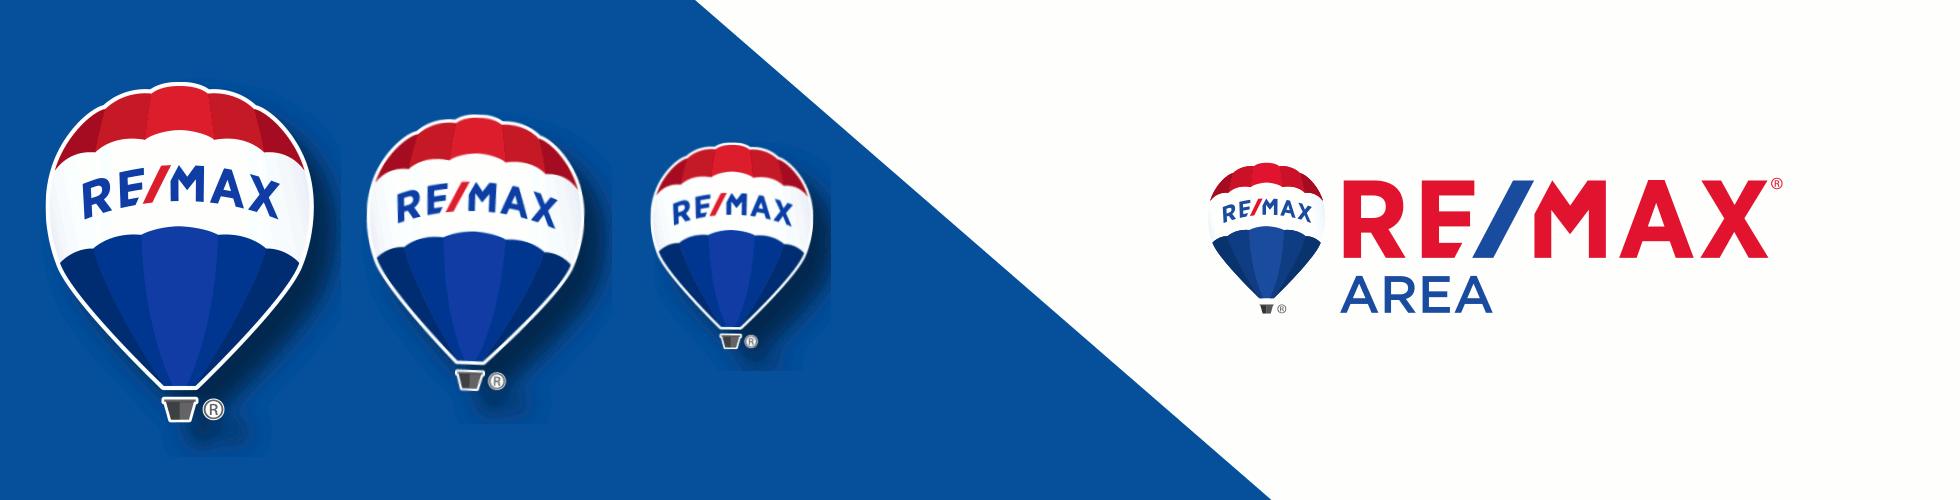 Agenzia Immobiliare Remax Area Ostia